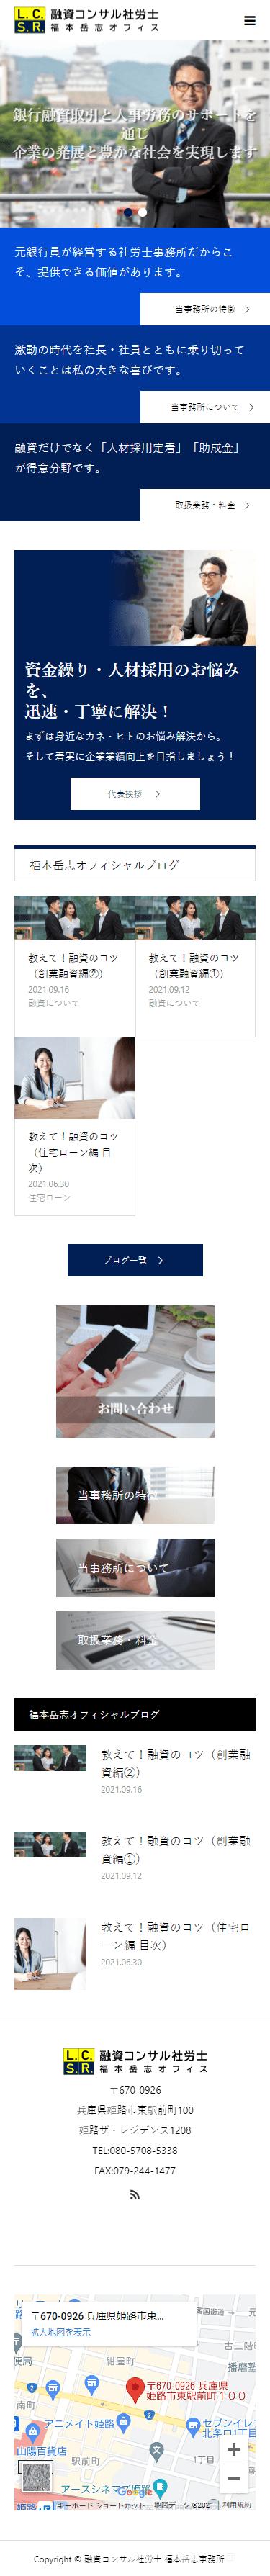 融資コンサル社労士 福本岳志オフィス ホームページ制作3